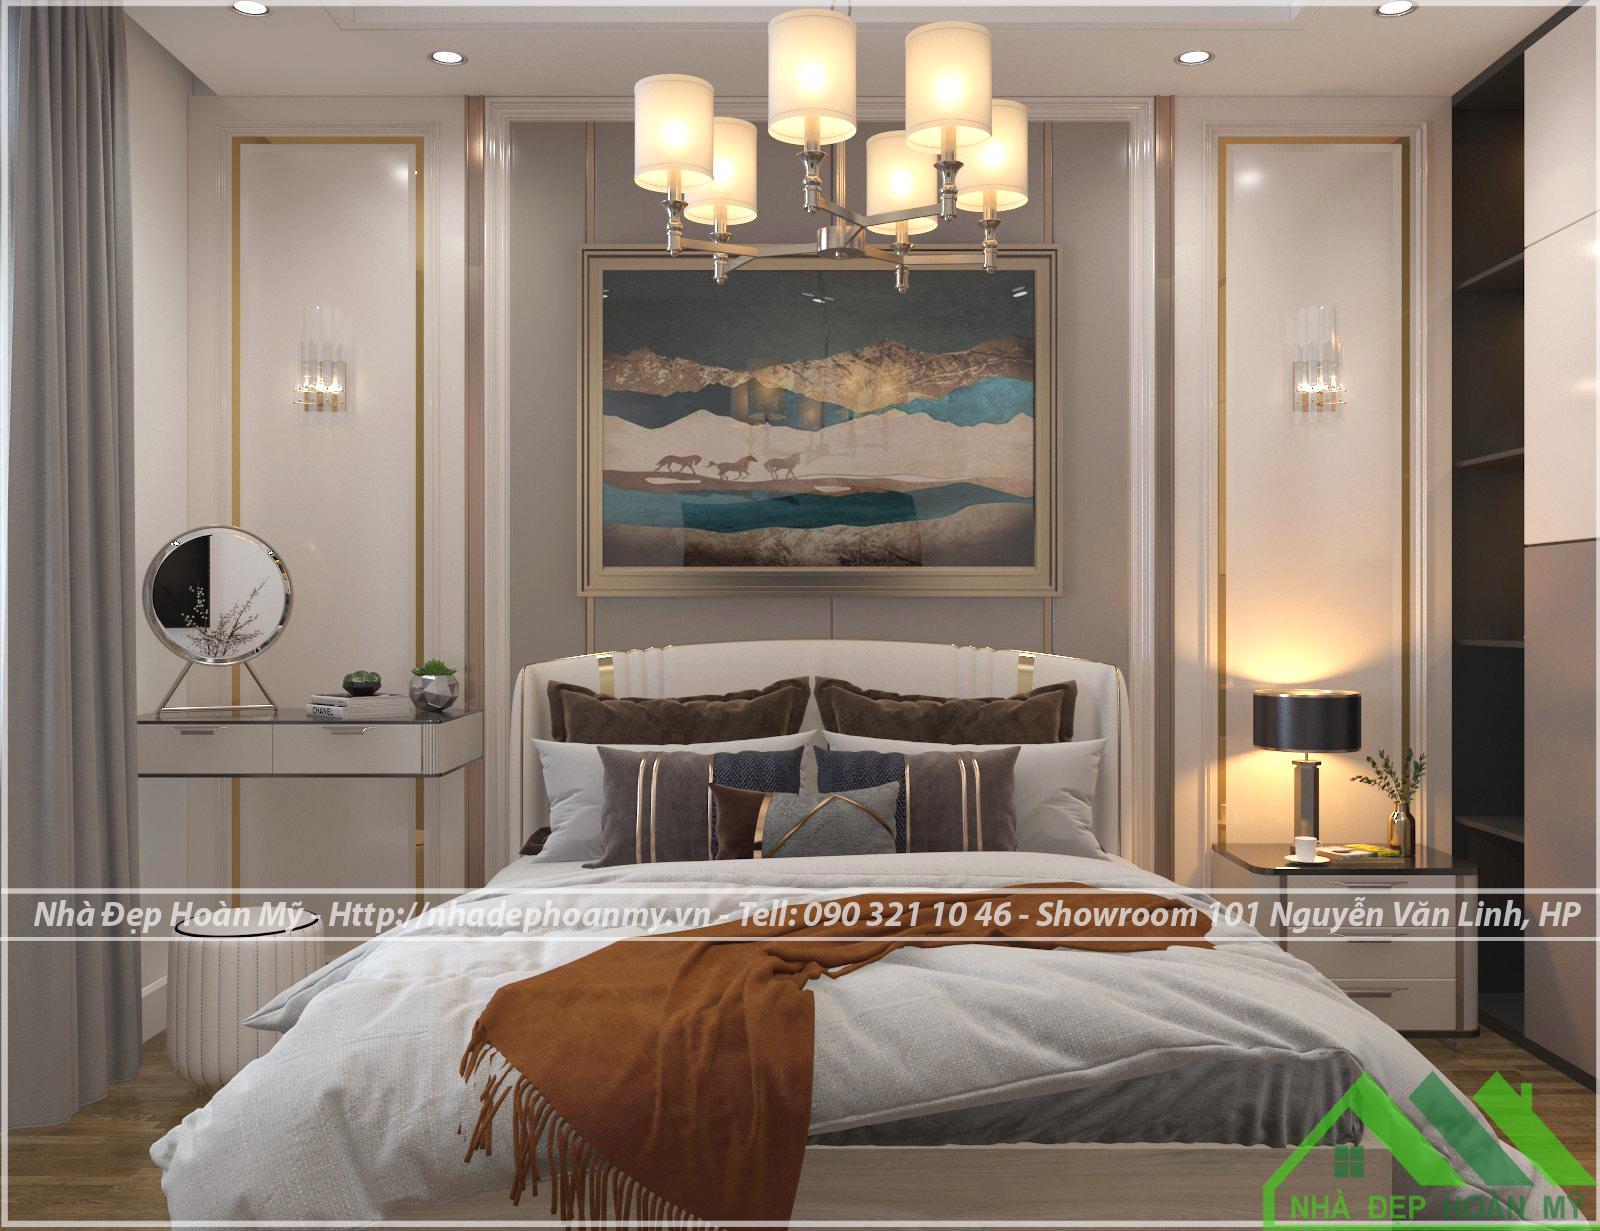 Phòng ngủ với giường bọc nỉ